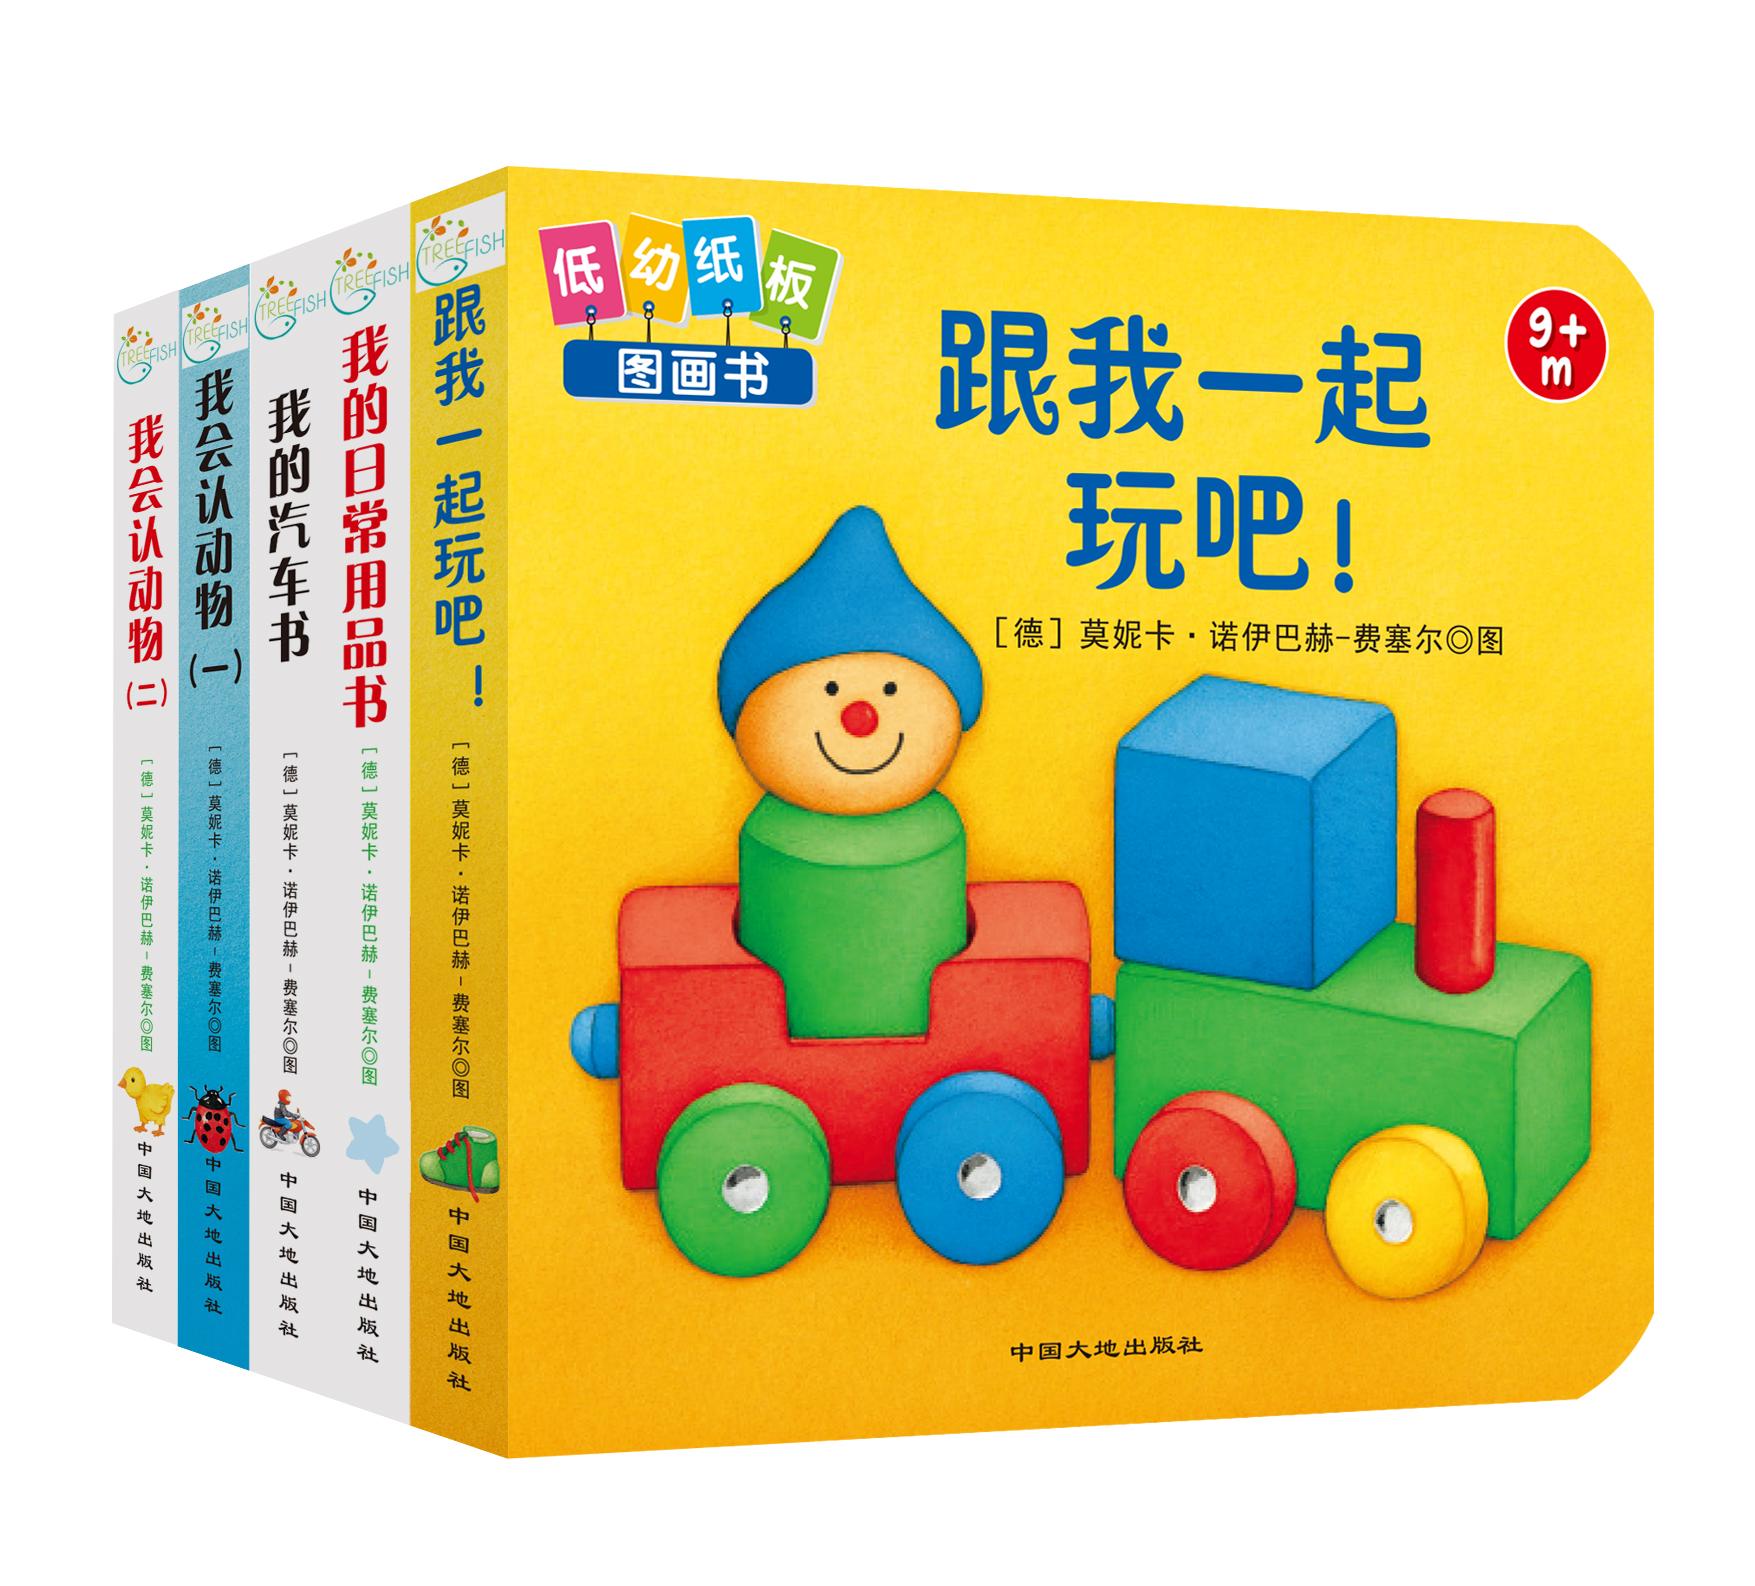 婴儿启蒙认知系列(全5册)纸板书(我会认动物(一)/我会认动物(二)/我的汽车书/我的日常用品书/跟